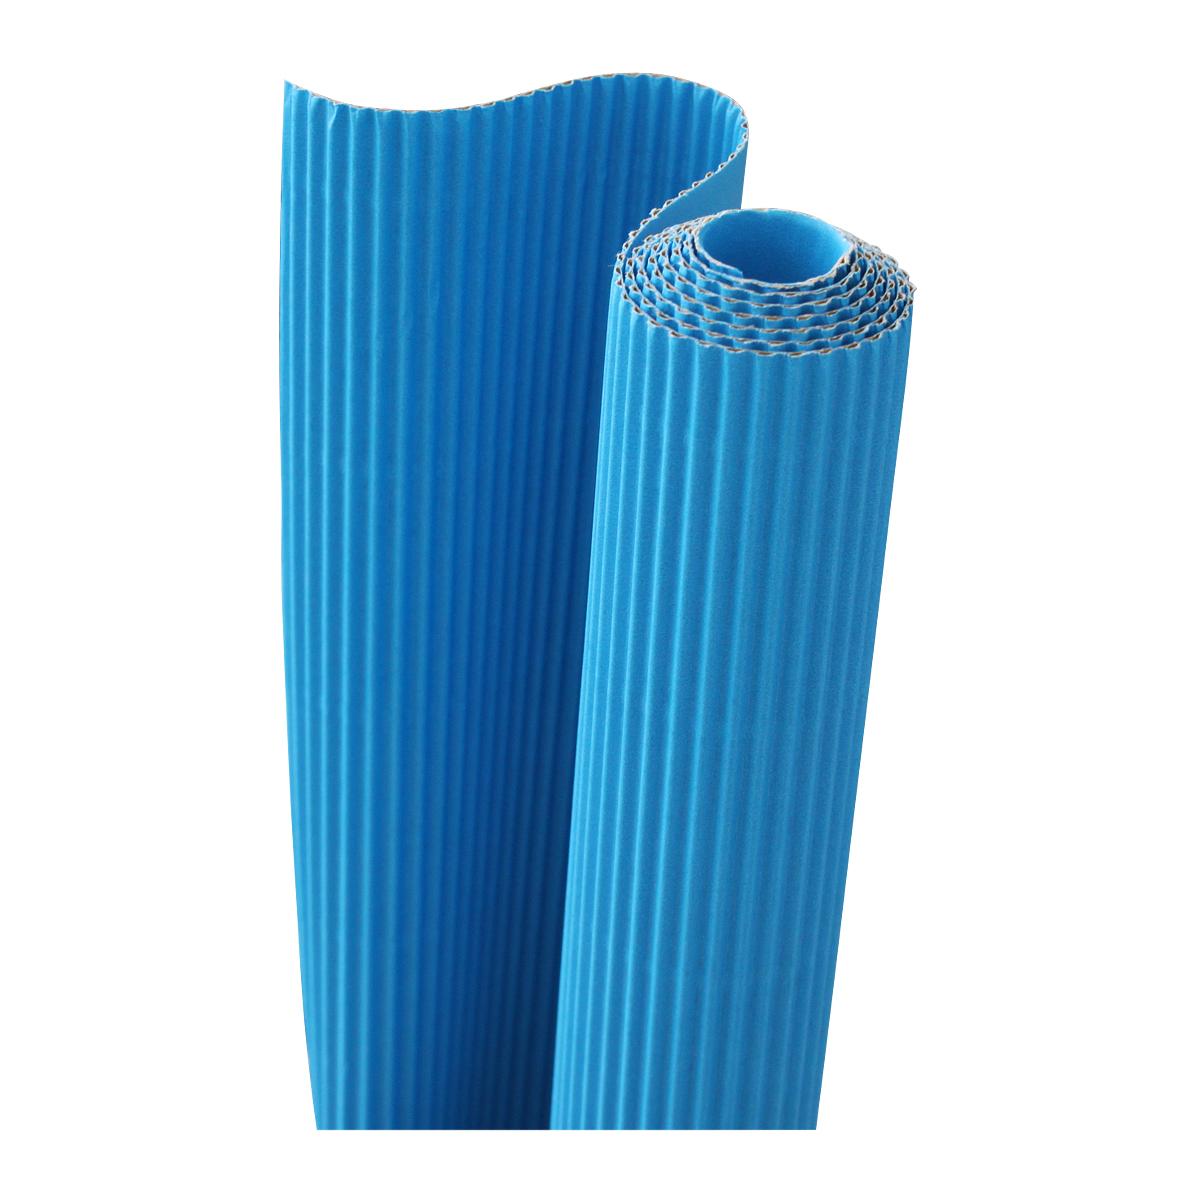 Картон гофрированный Folia, цвет: голубой, 50 х 70 см72523WDДвухслойный гофрированный картон Folia в основном применяется для декорирования. Он состоит из одного слоя плоского картона и слоя бумаги, имеющую волнообразную (гофрированную) форму. Отличается малым весом и высокими физическими параметрами.Применение: для дизайнерских и оформительских работ, для декоративного детского творчества. Также такой материал хорошо зарекомендовал себя в качестве упаковочного материала.